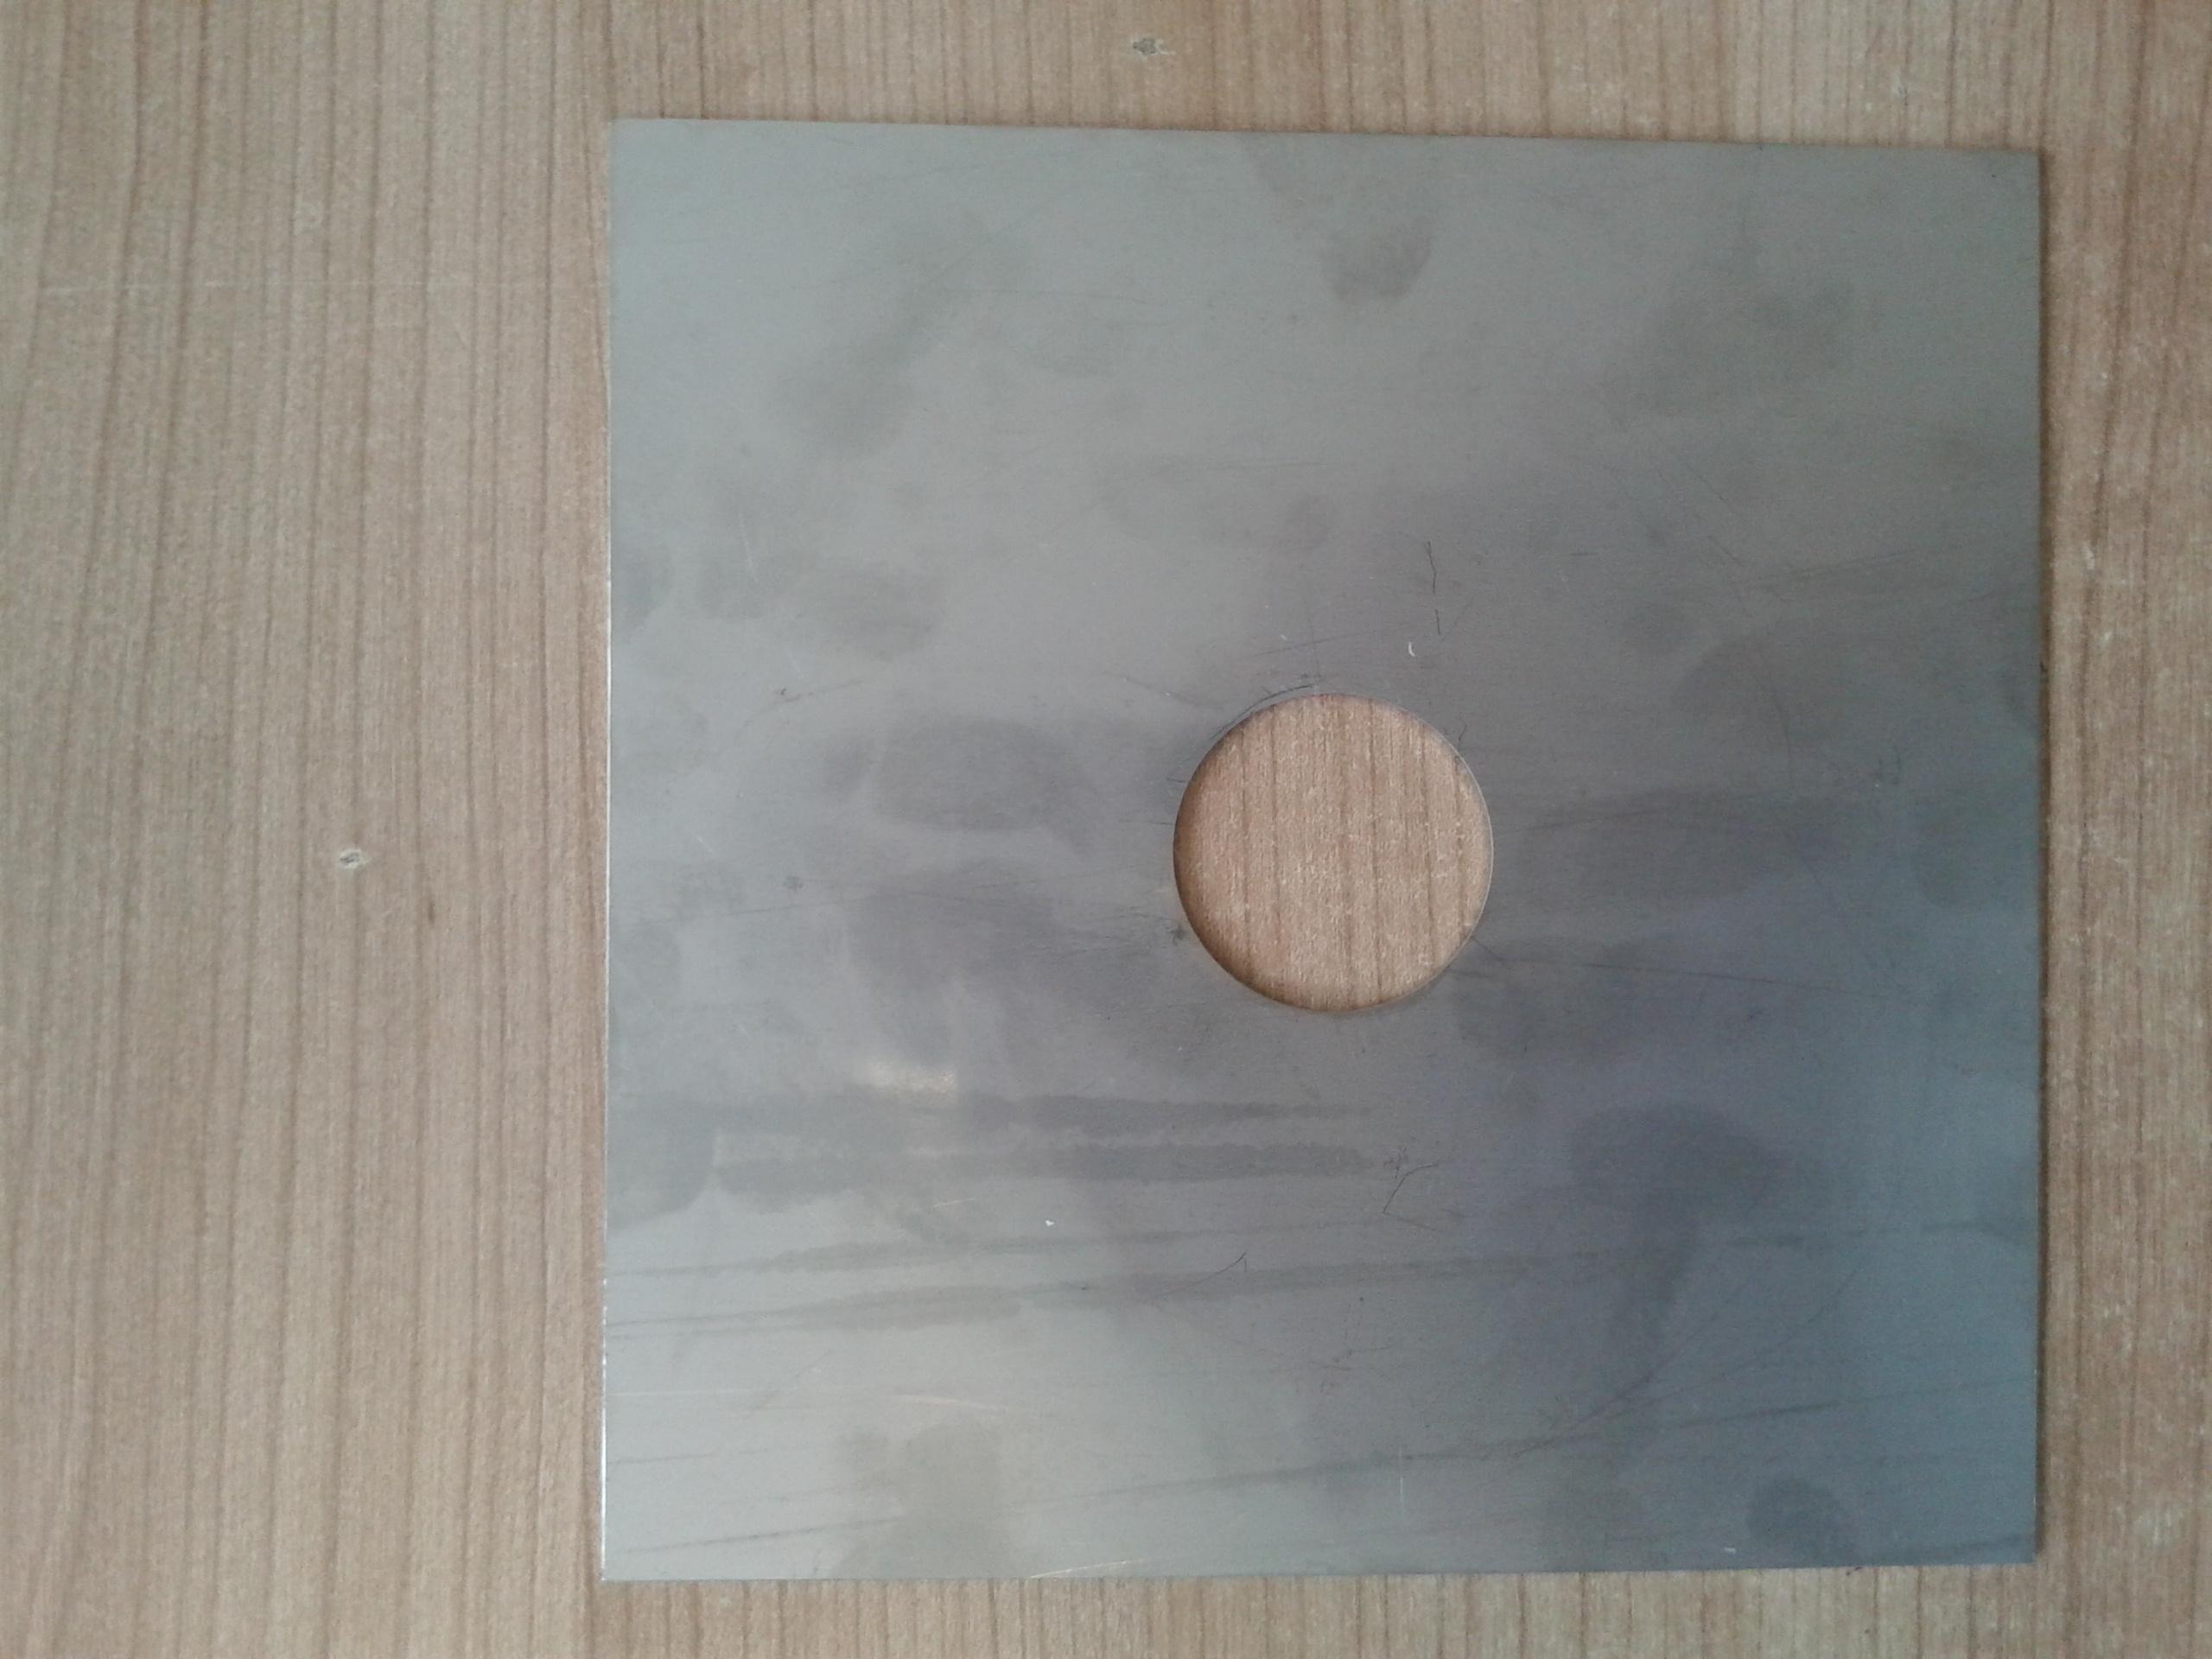 Vymezovací plech stojanu 180x180/40mm